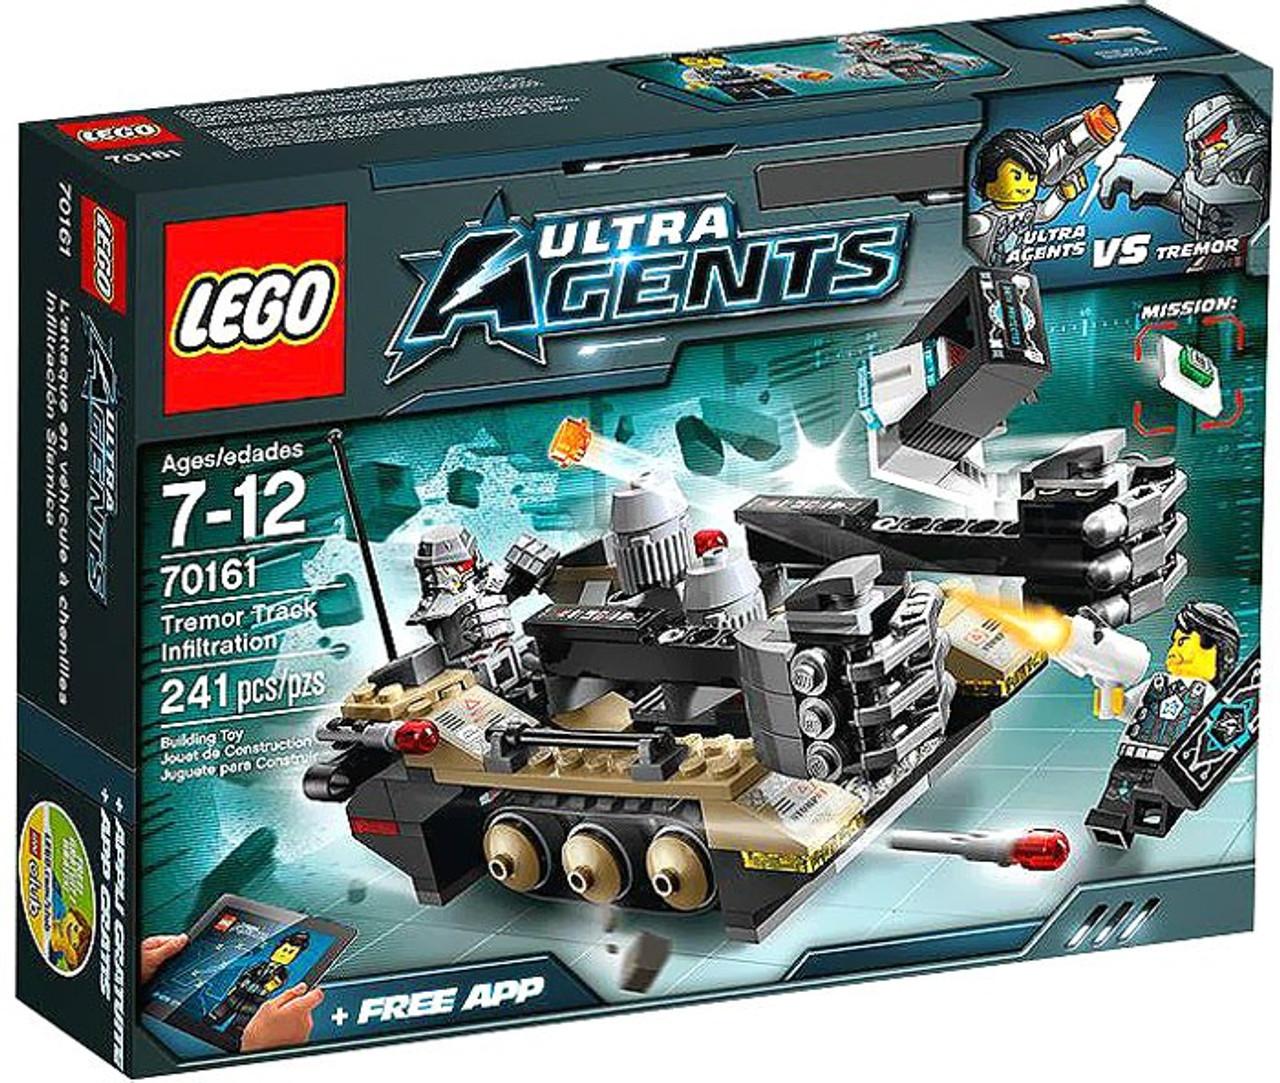 LEGO Agents Tremor Track Infiltration Set #70161